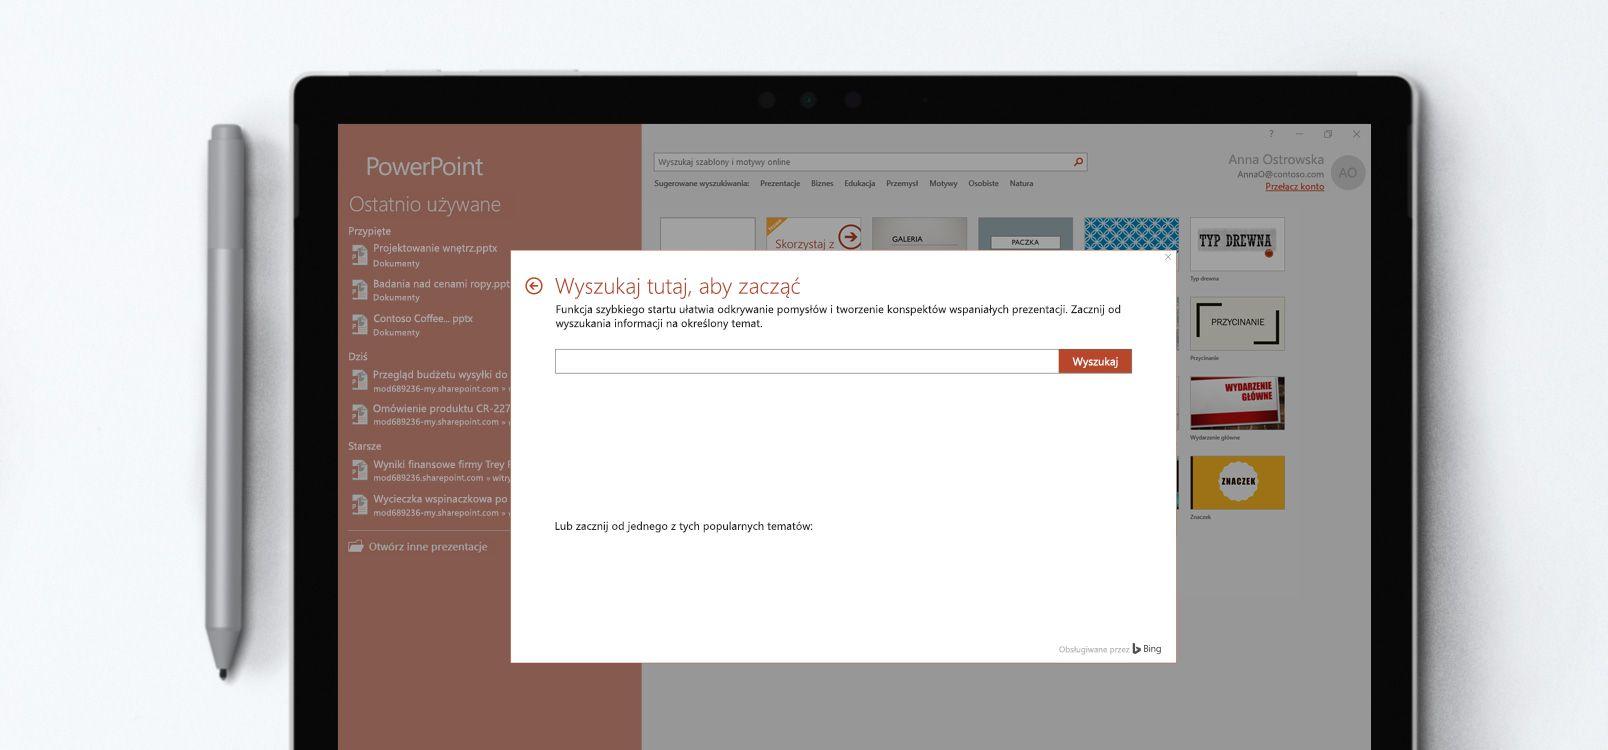 Ekran tabletu przedstawiający dokument programu PowerPoint, w którym jest używana funkcja Szybki start